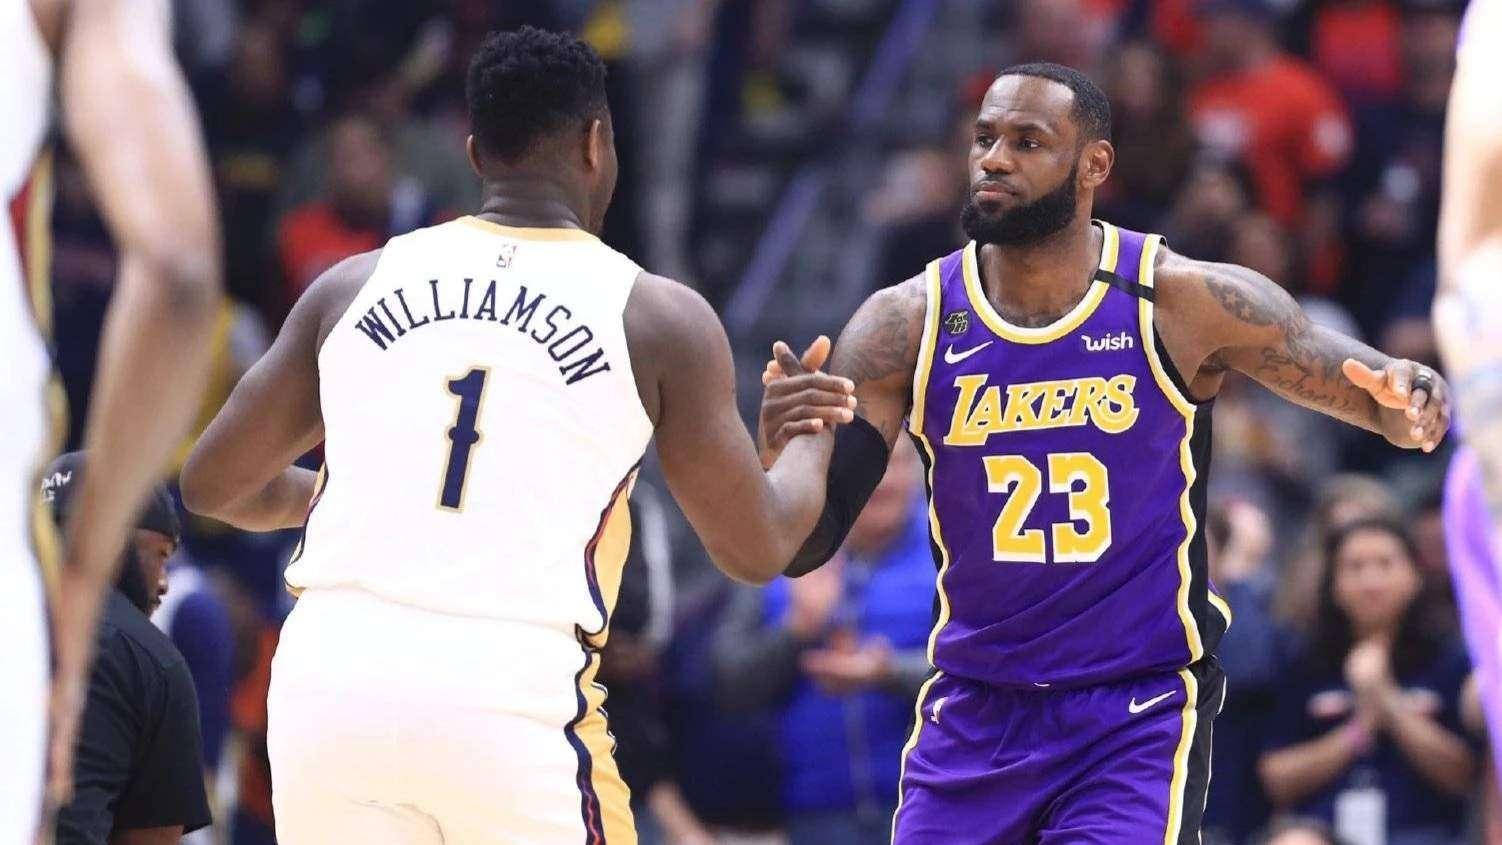 篮球精彩一瞬:传奇仍未落幕 詹姆斯关键三分迎射锡安_全景NBA